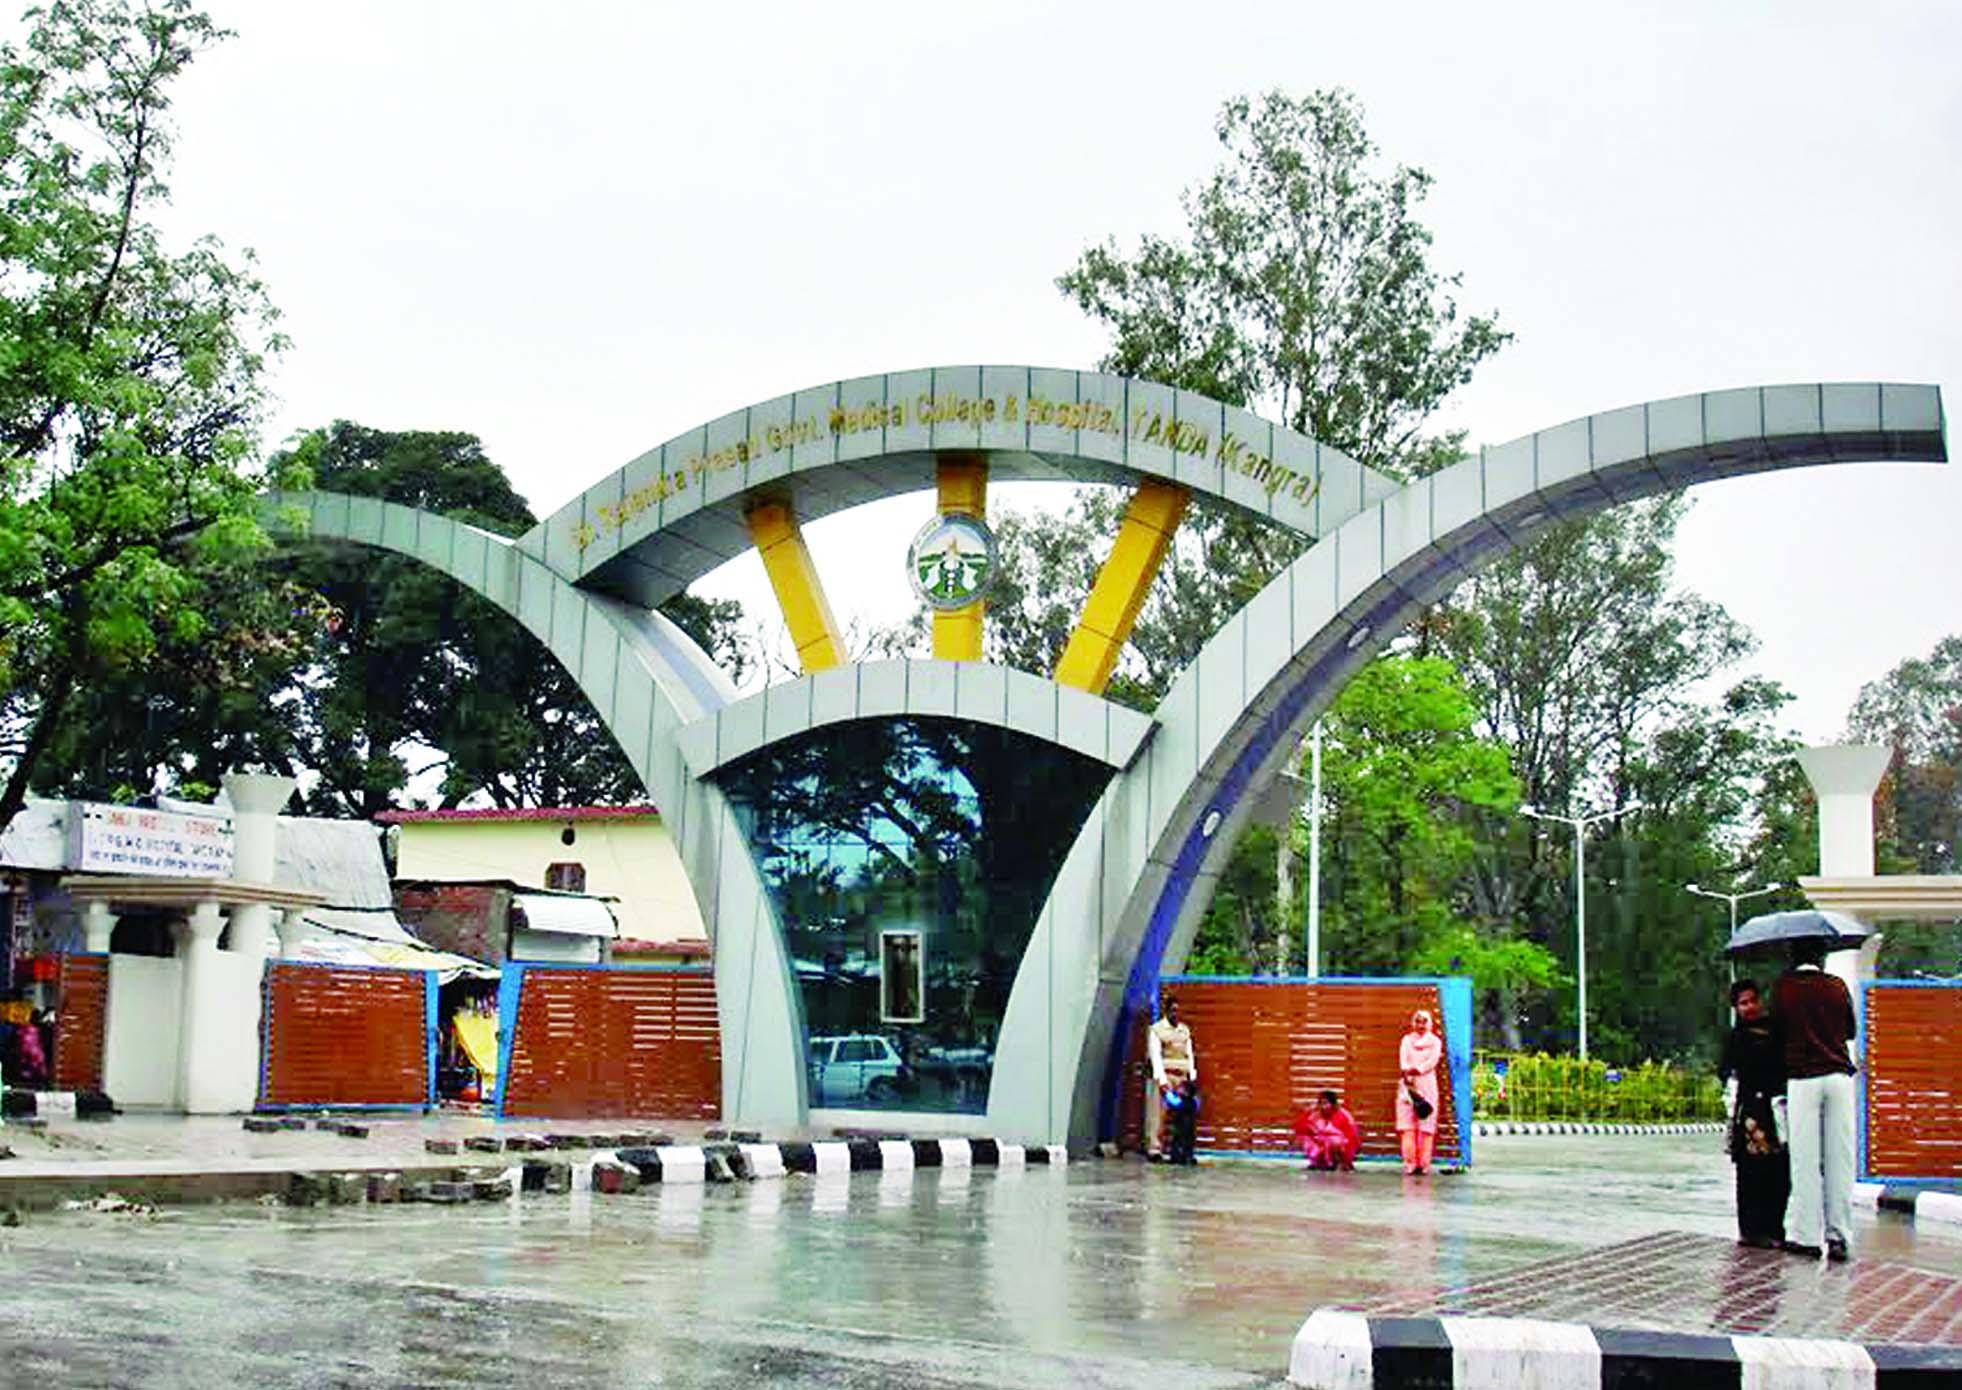 आईजीएमसी के बाद अब टांडा मेडिकल कालेज में भी सिस्टोस्कॉपी सुविधा